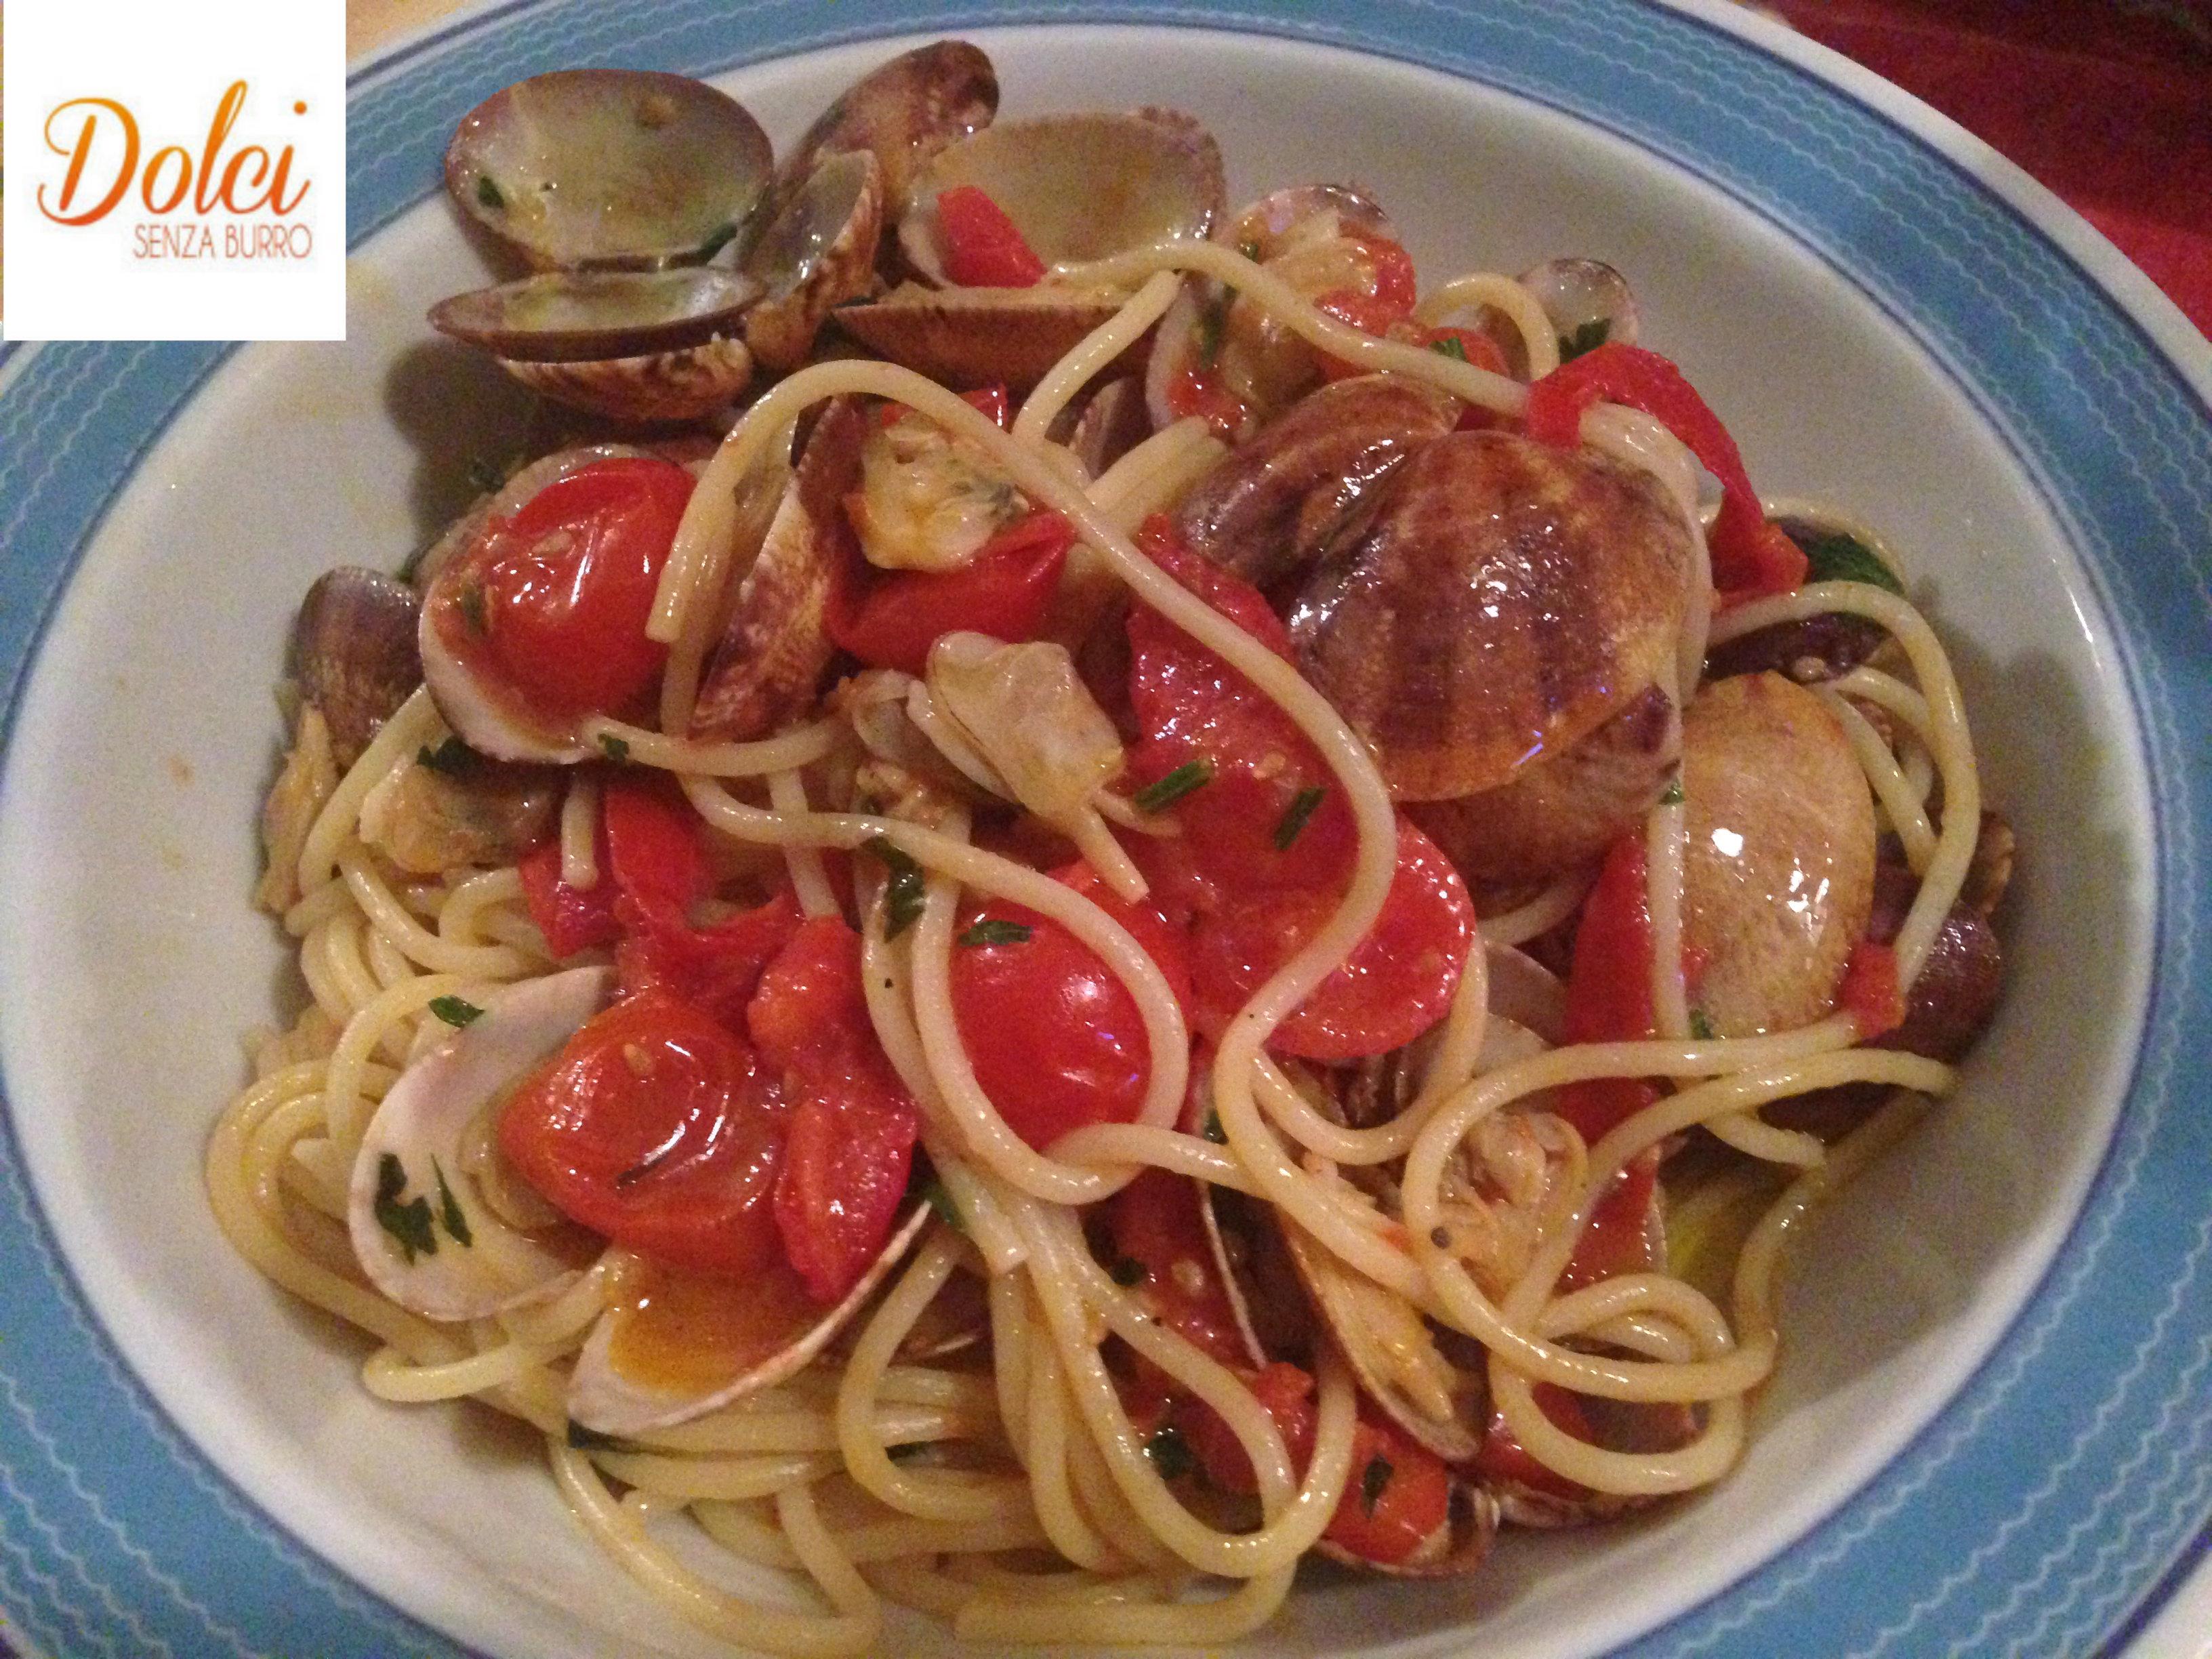 Spaghetti alle vongole un piatto tipico della cucina italiana preparato da dolci senza burro